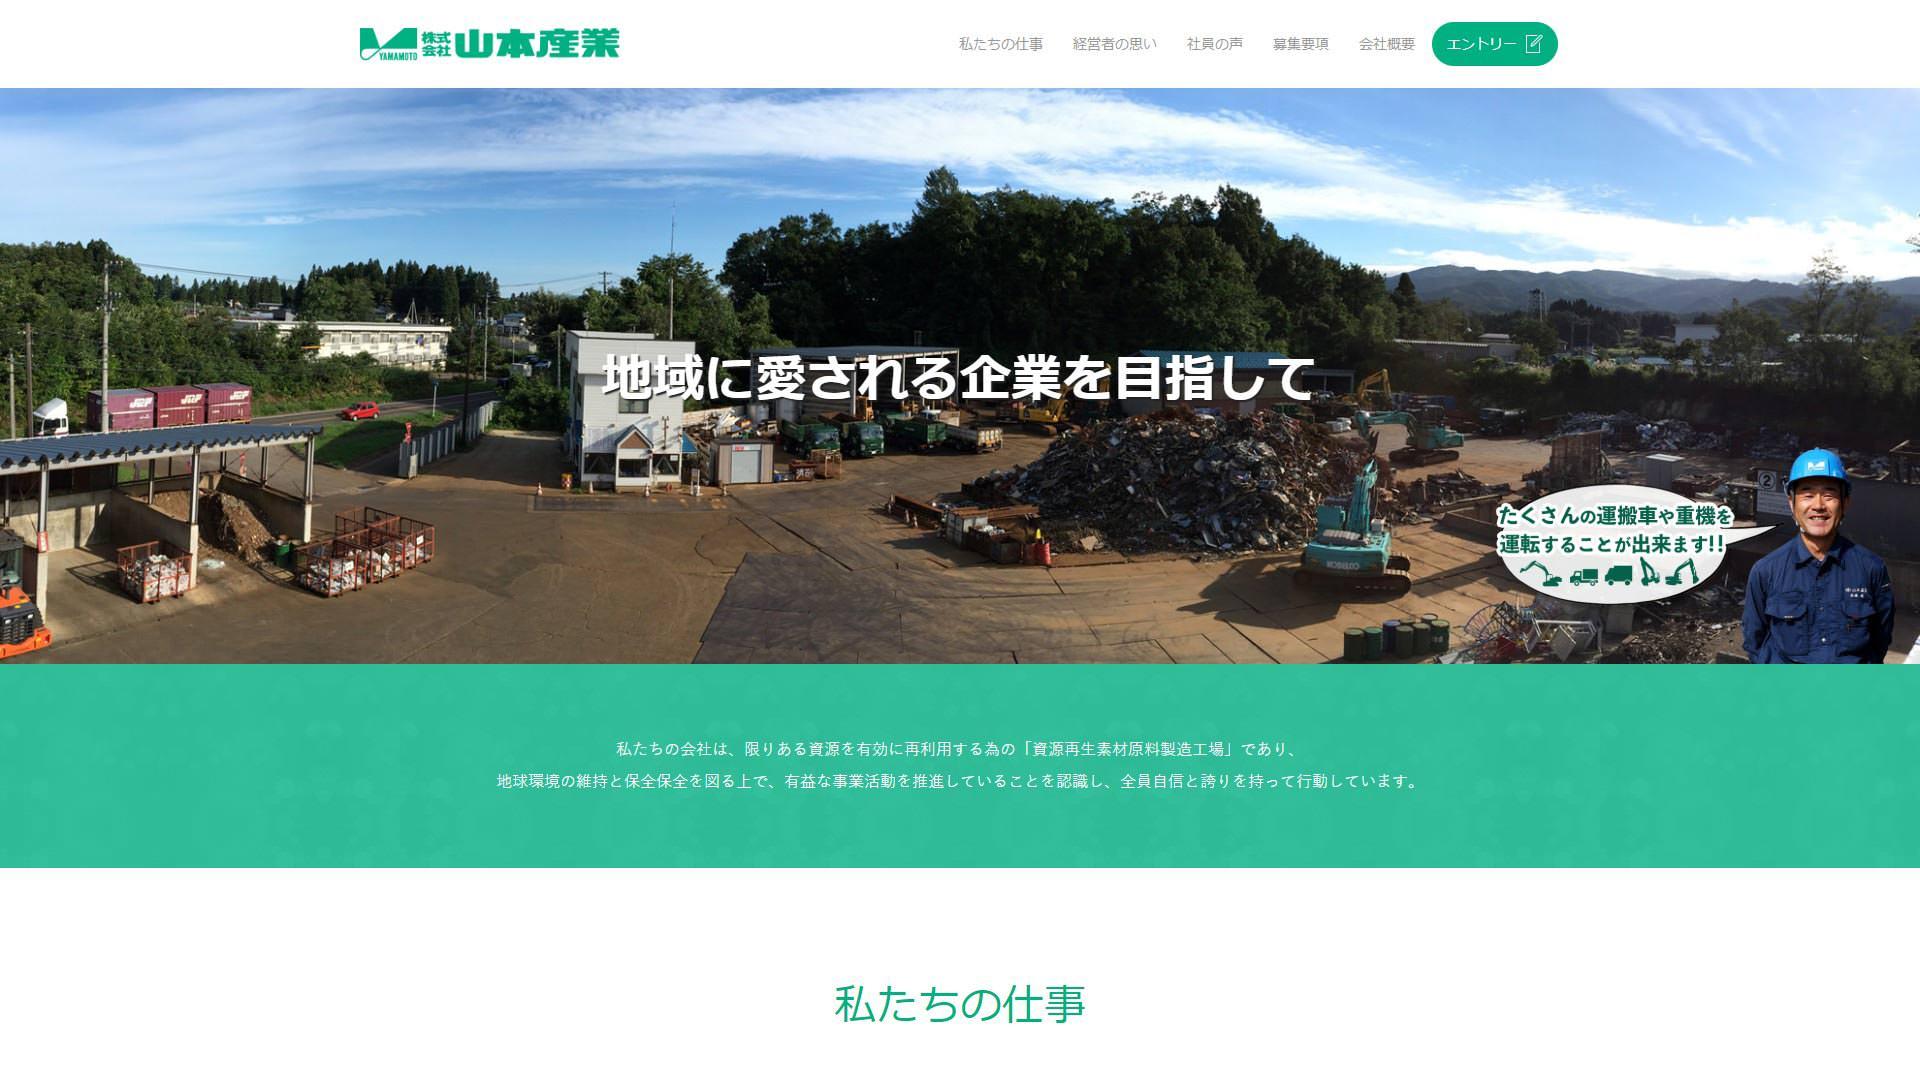 山本産業(リクルート特設ページ)様のサイトイメージ